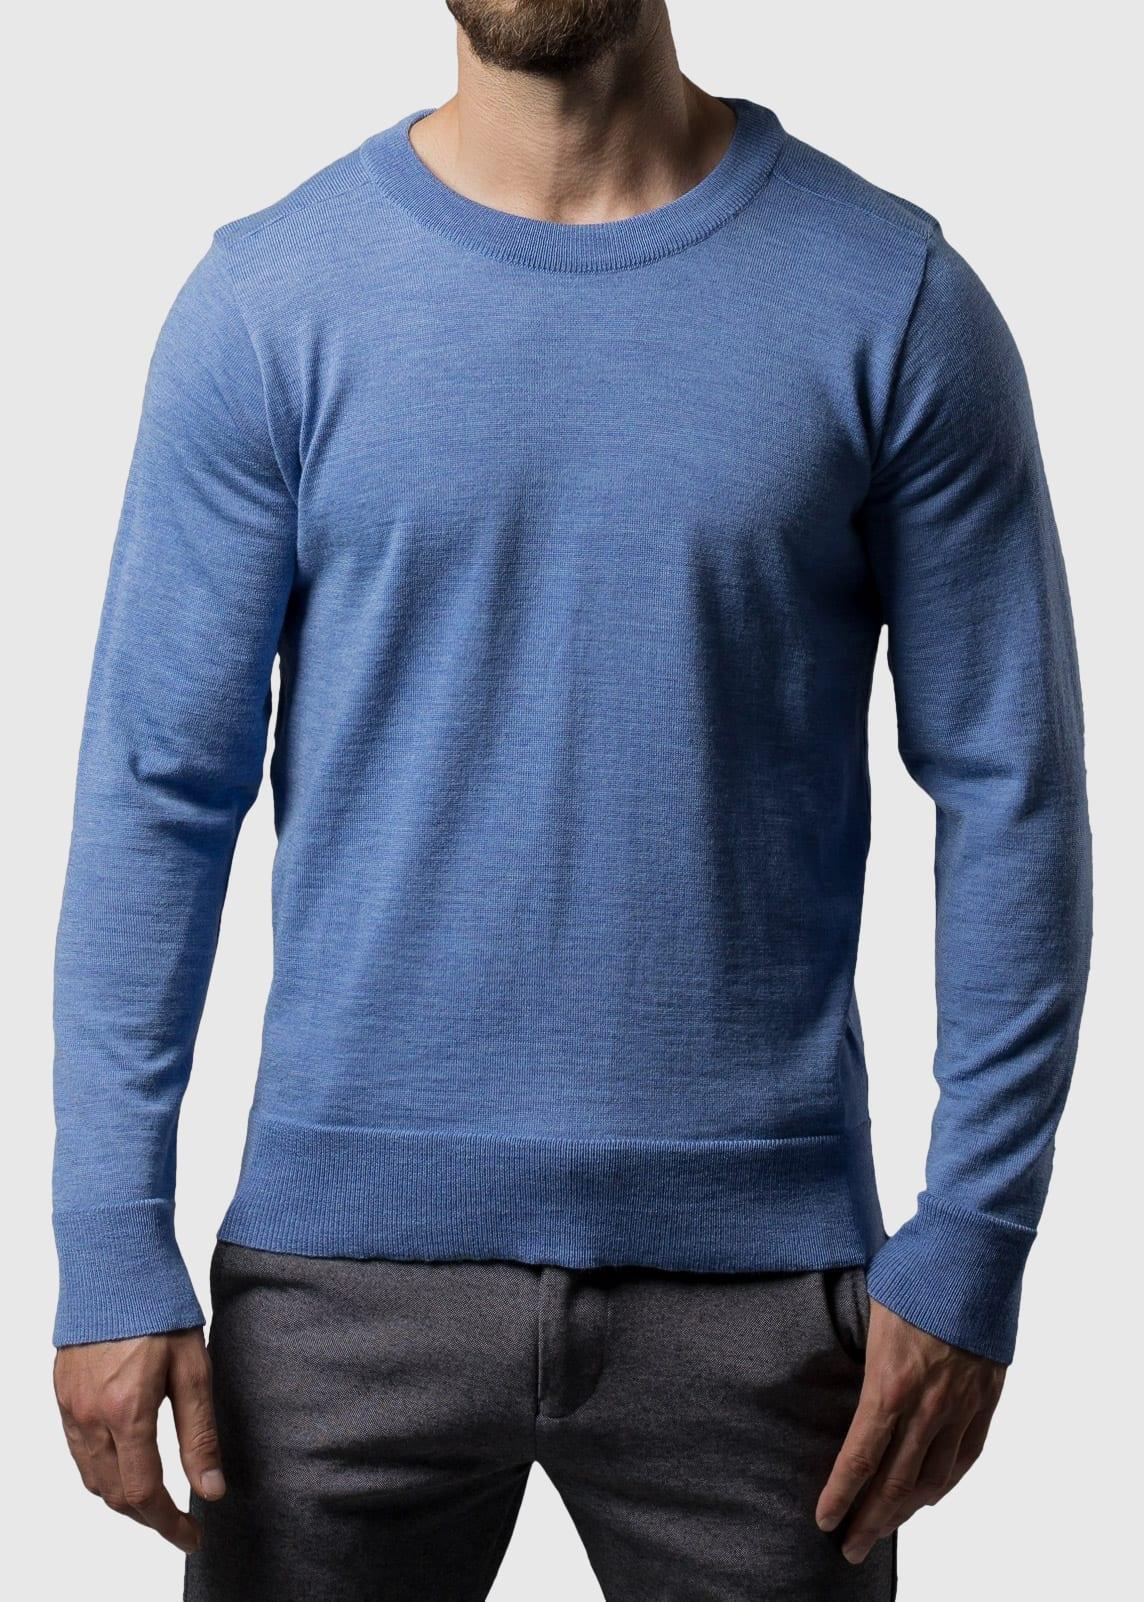 Rundhals Pullover blau Tristan aus Merinowolle extrafein